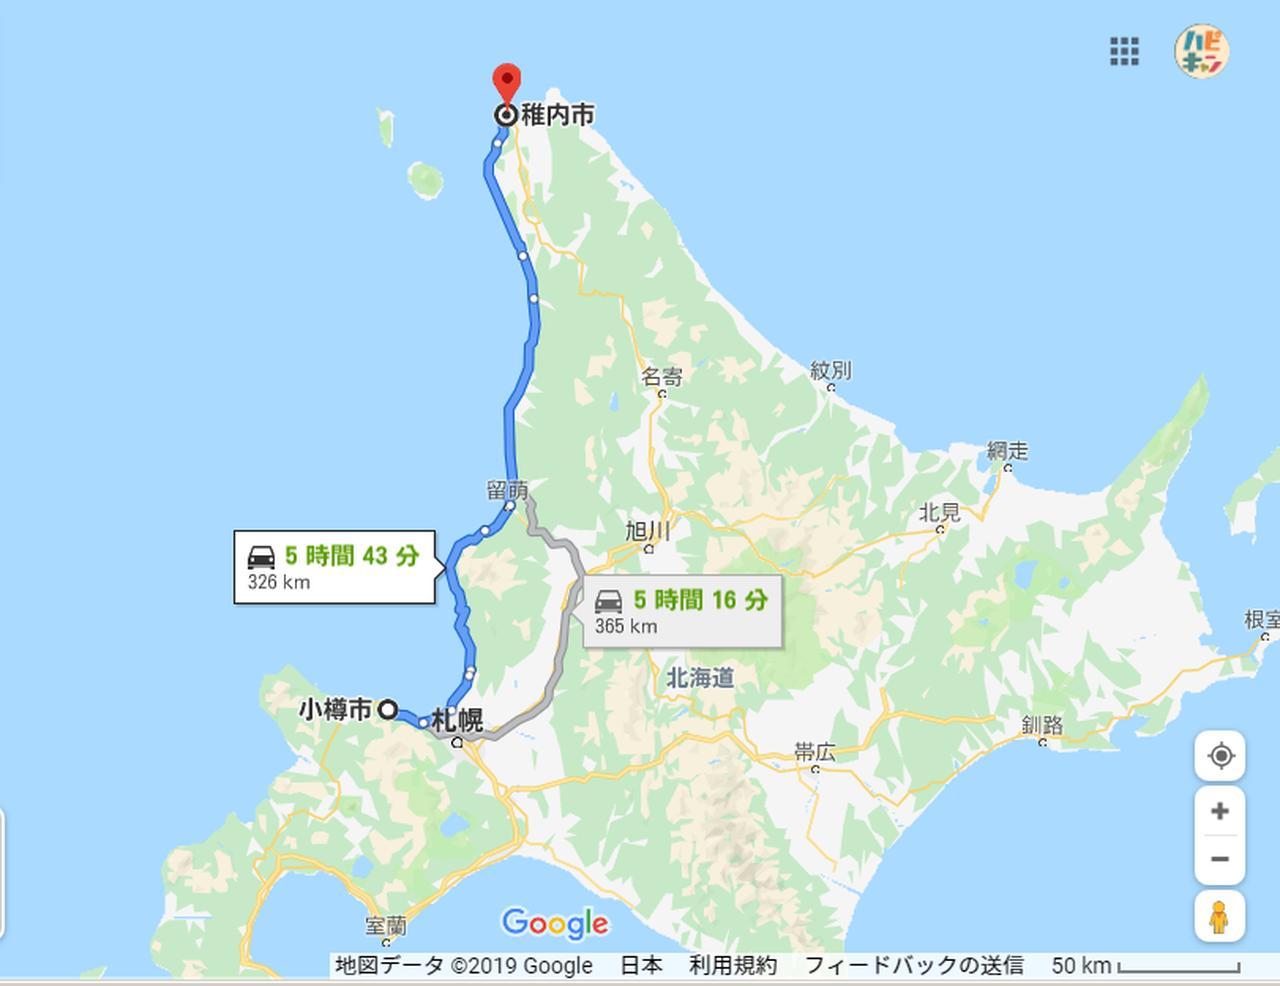 画像1: 2019 Google Map